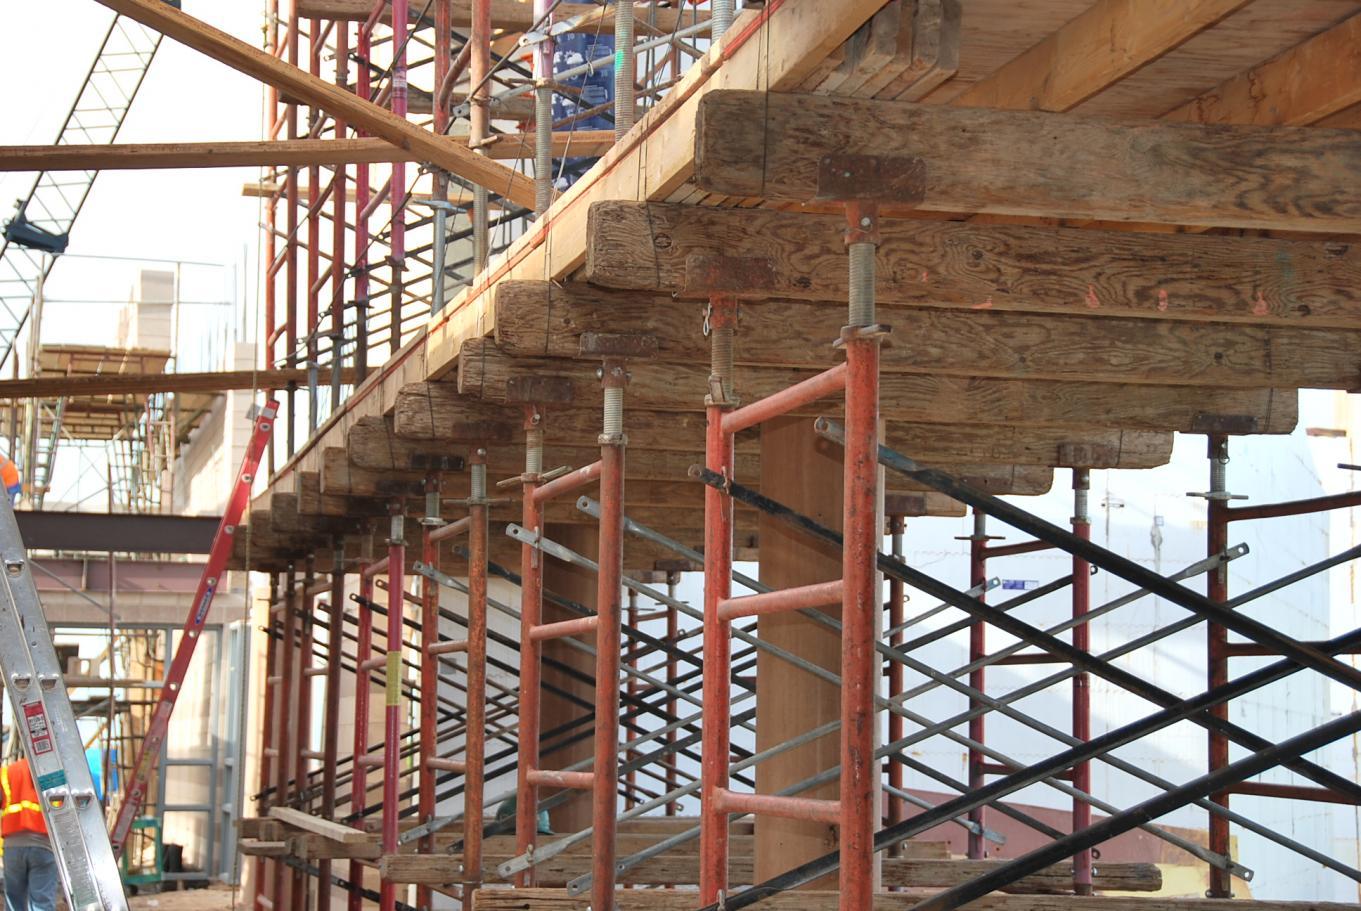 Concrete Beams-s.f.c.c.843beam_10sfcc-colored-bea.jpg